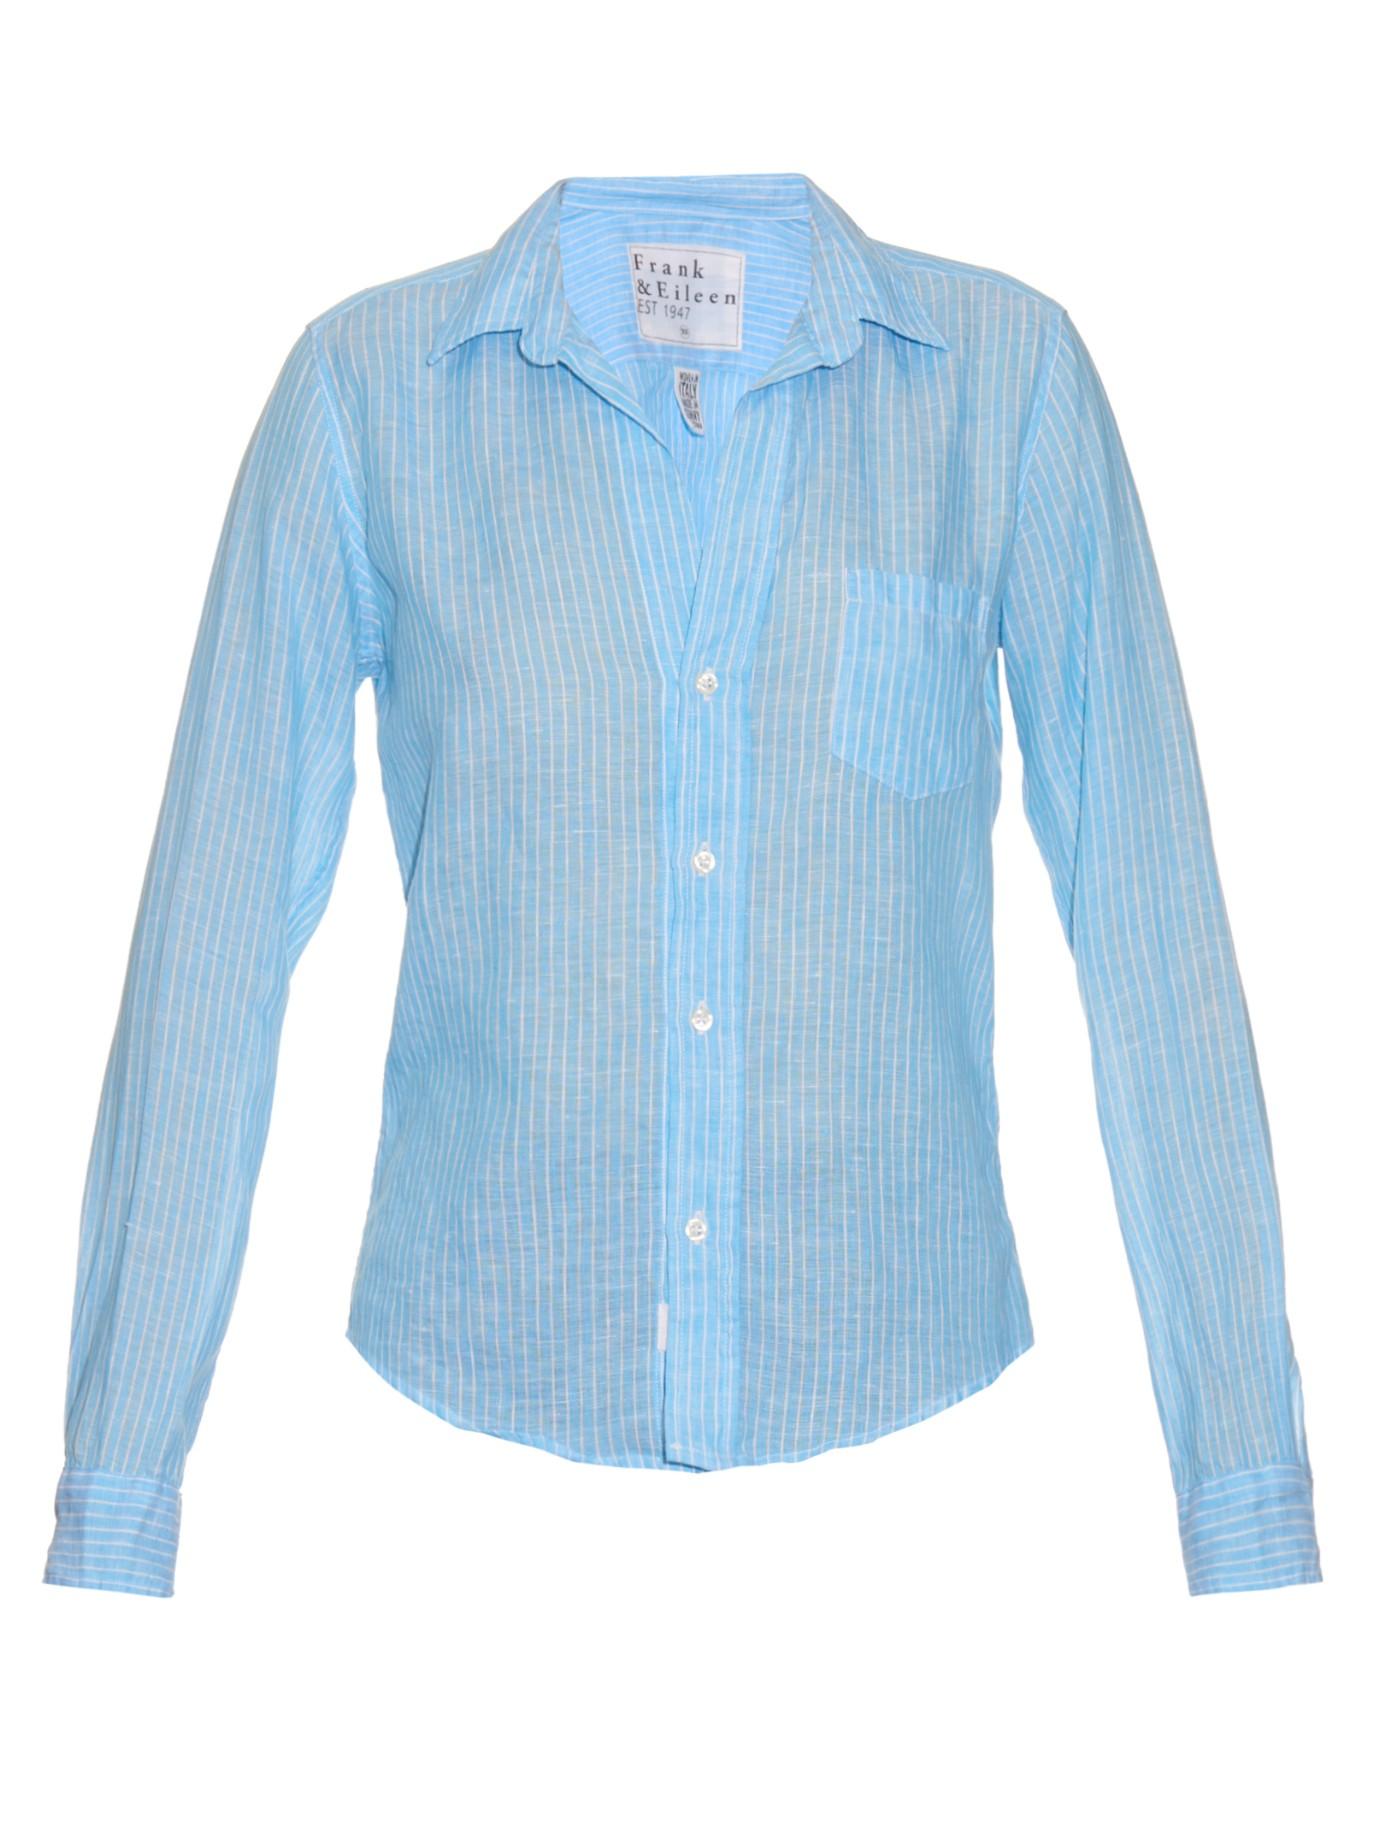 41b3e6e8 Frank & Eileen Barry Striped Linen Shirt in Blue - Lyst